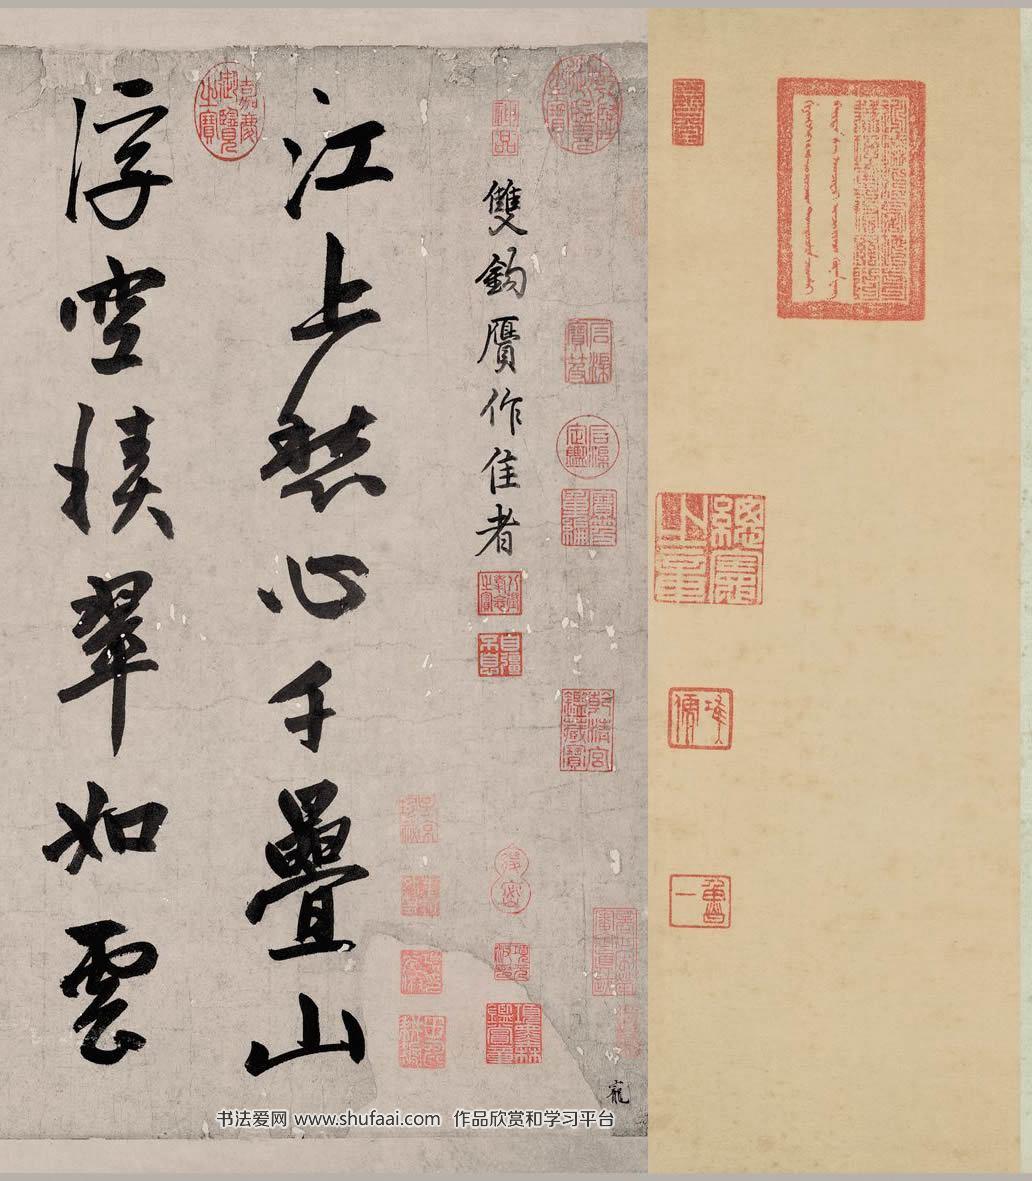 赵孟頫《题王诜烟江叠嶂图诗卷》的款式书法特点和高清图片内容